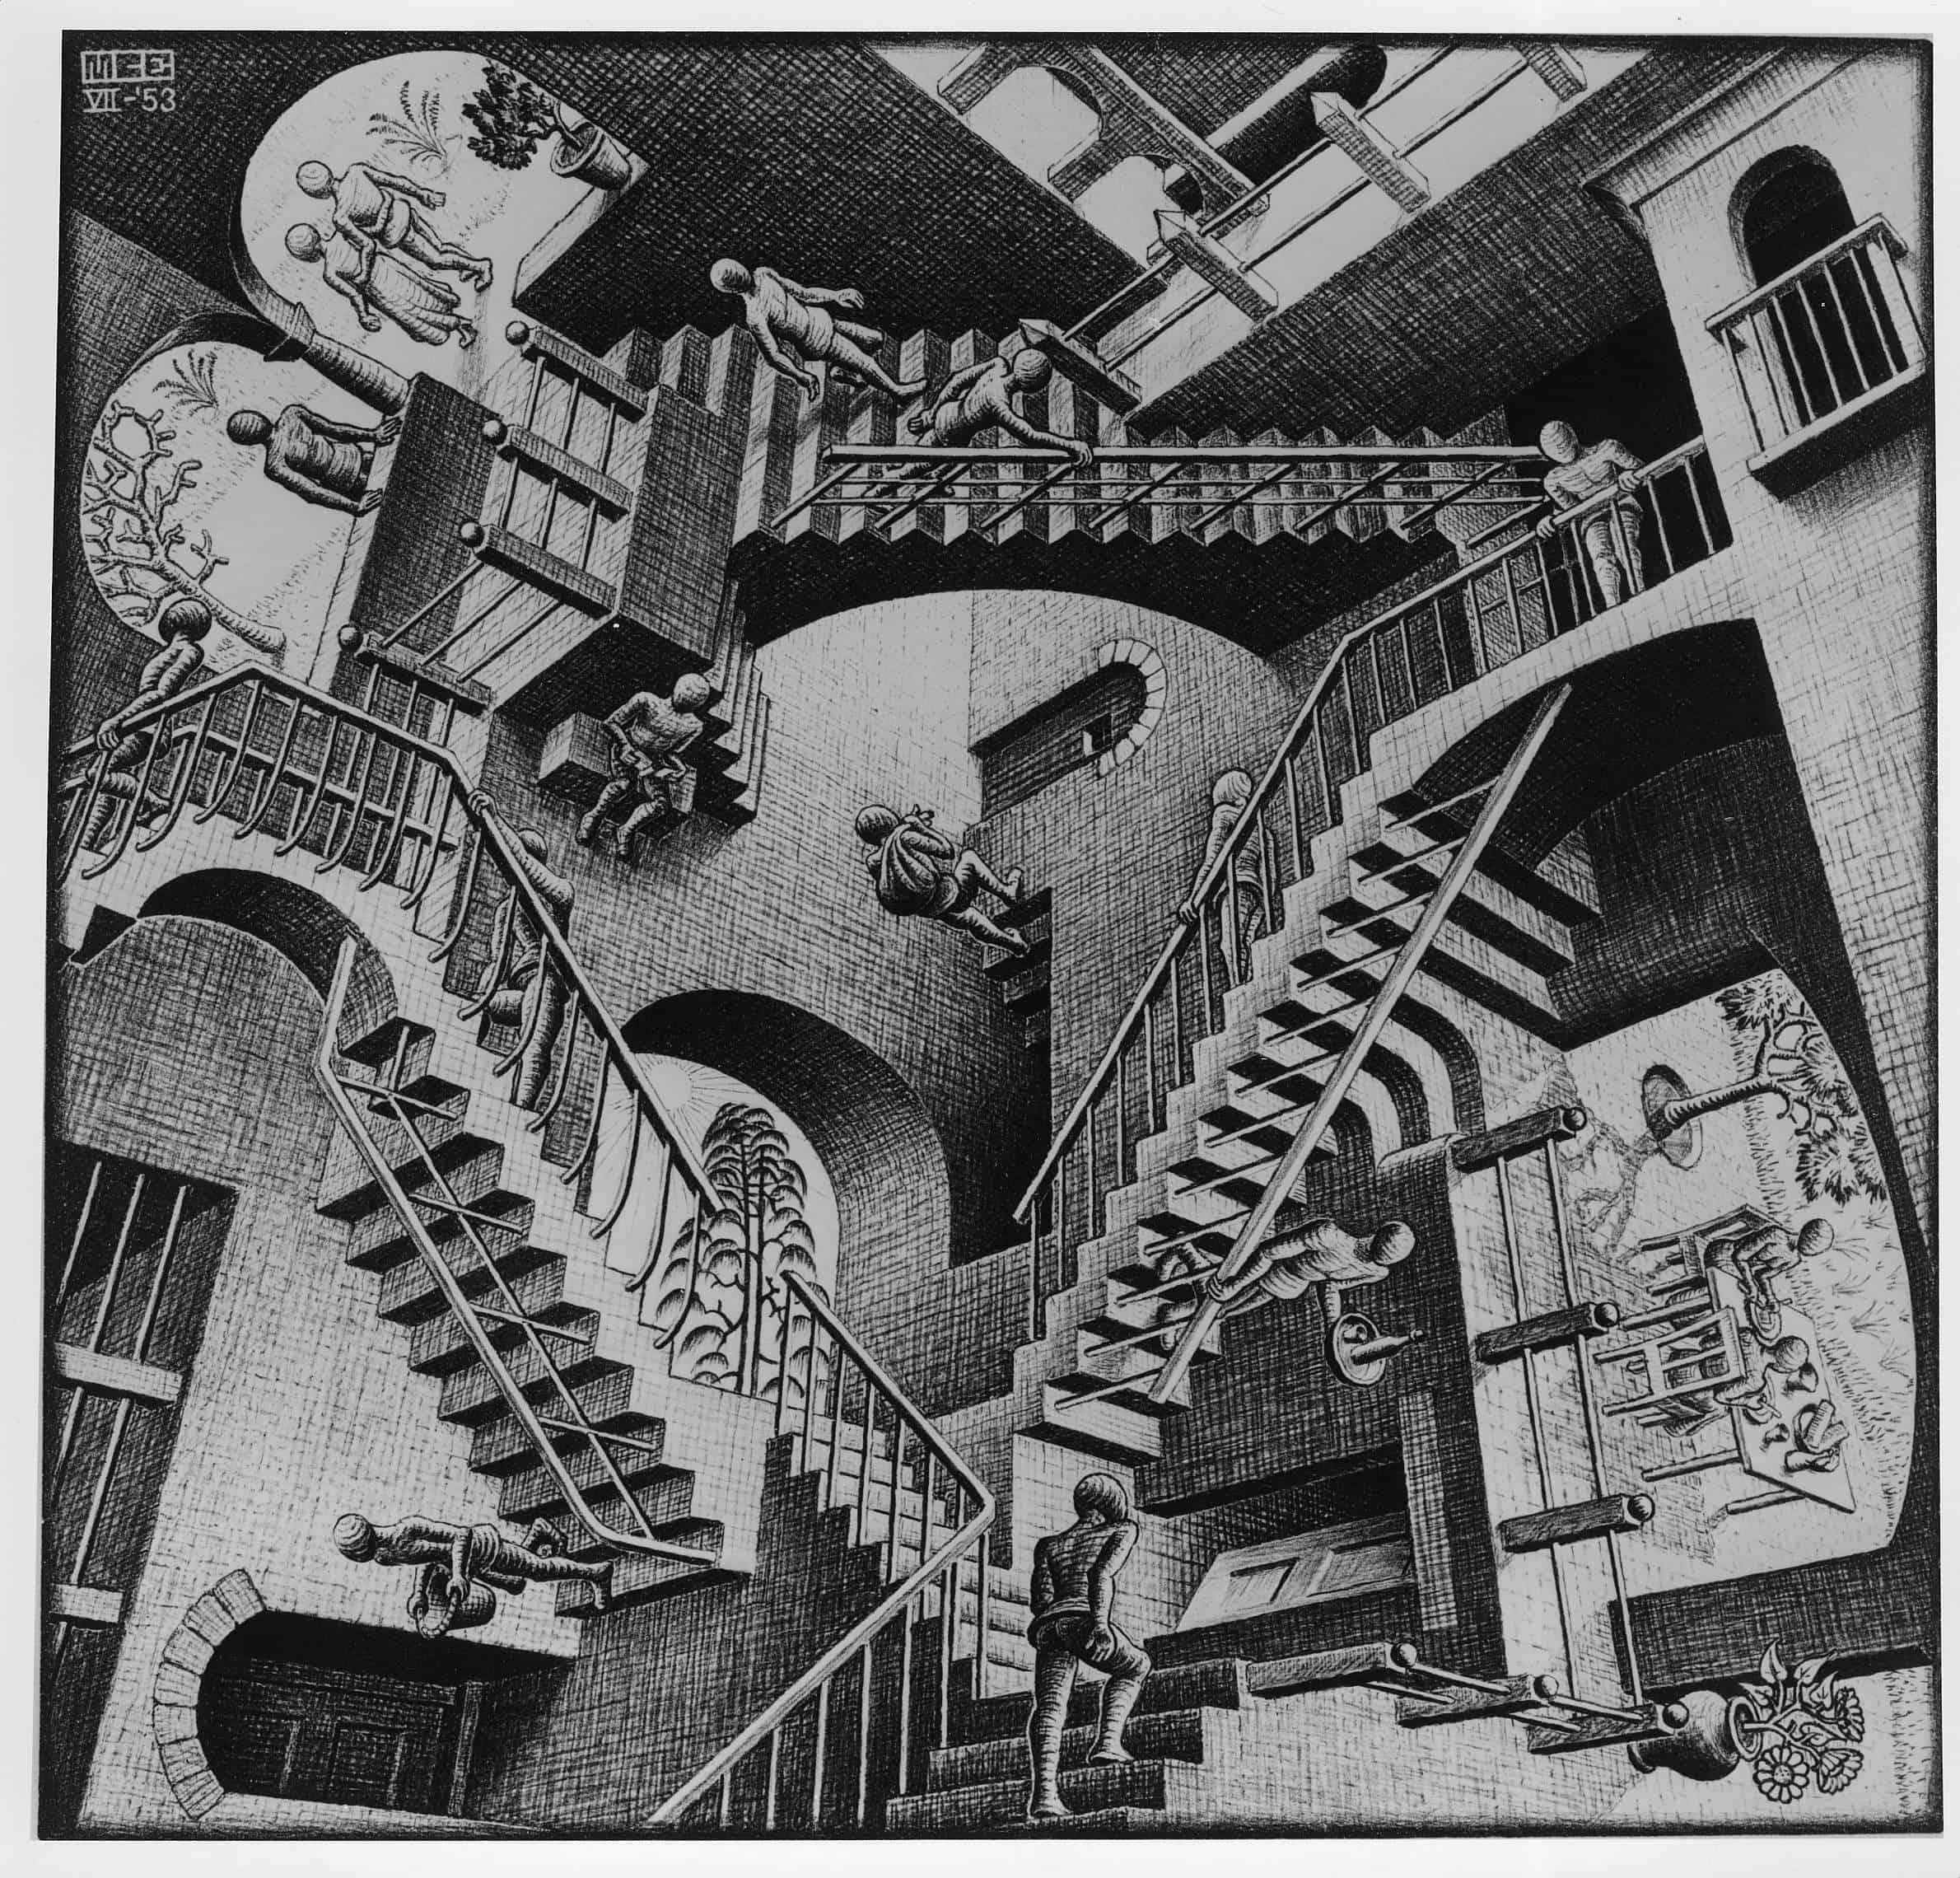 """M.C. Escher, """"Relativity."""" Copyright 2017 The M.C. Escher Company, The Netherlands. All rights reserved. www.mcescher.com"""